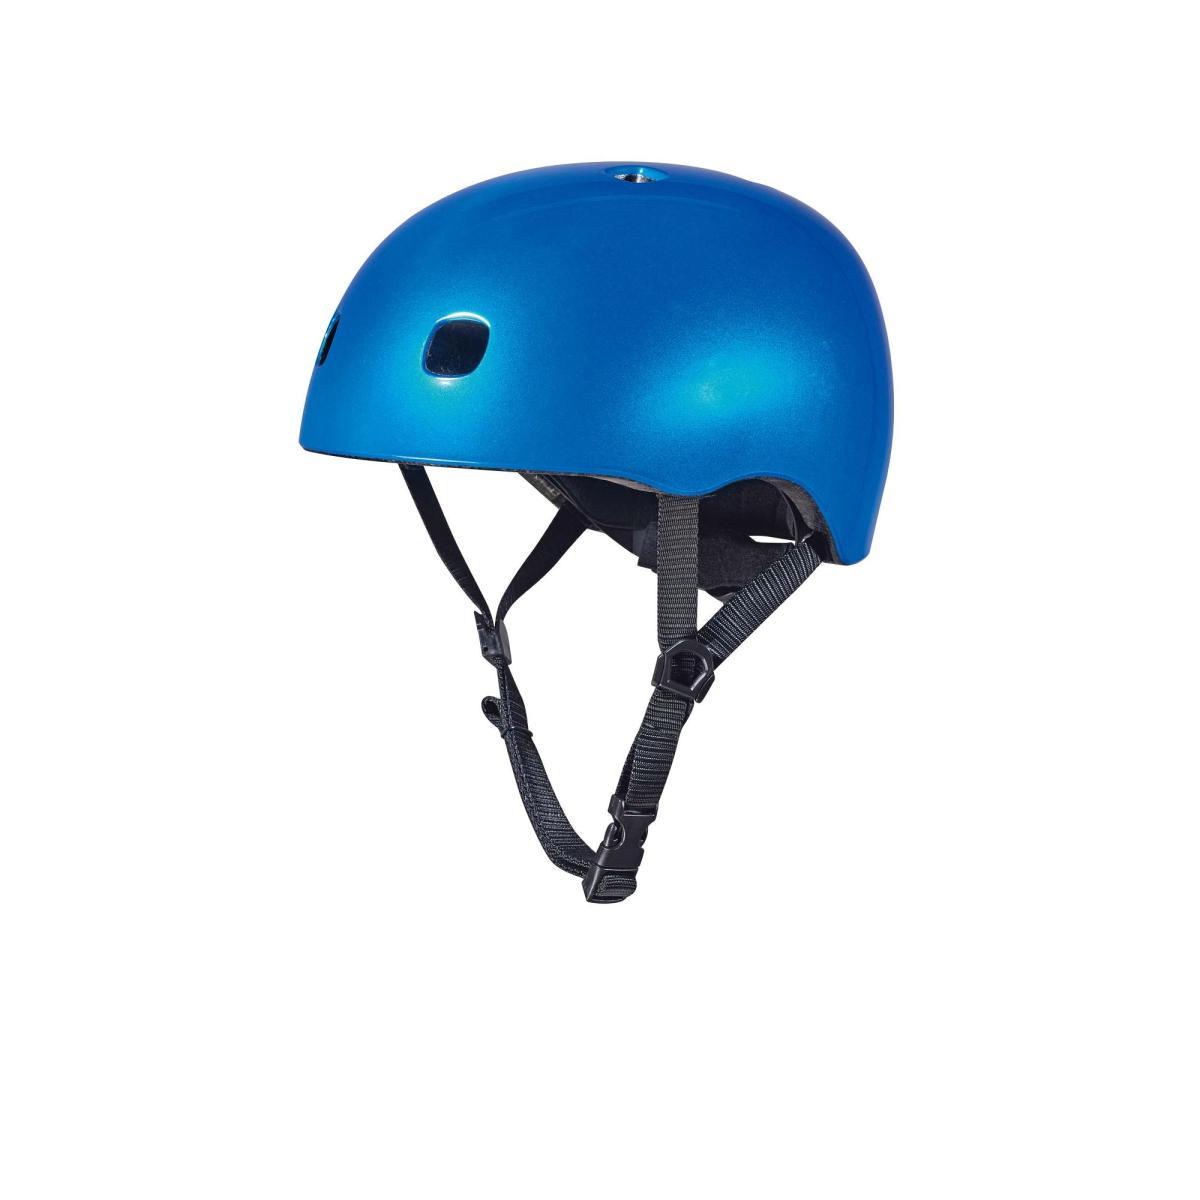 Přilba Micro LED Dark Blue S (48-53 cm)